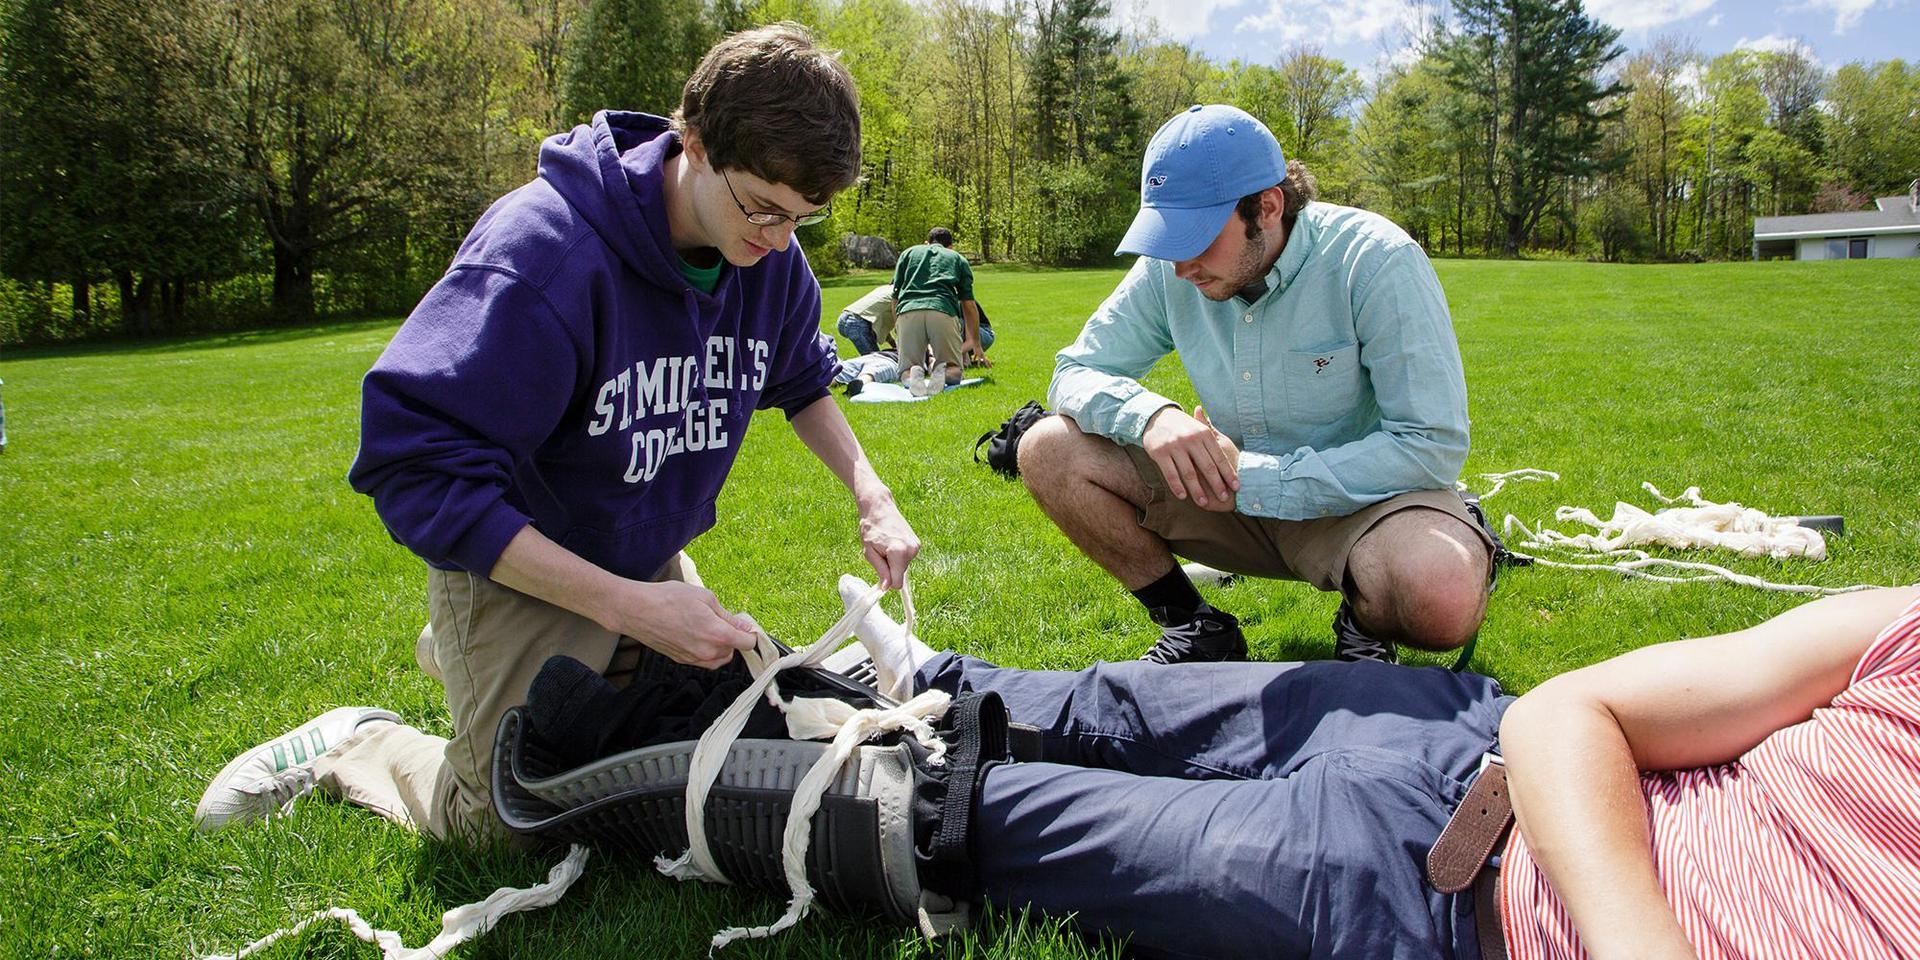 一个学生正在野外急救课上给另一个学生做夹板.